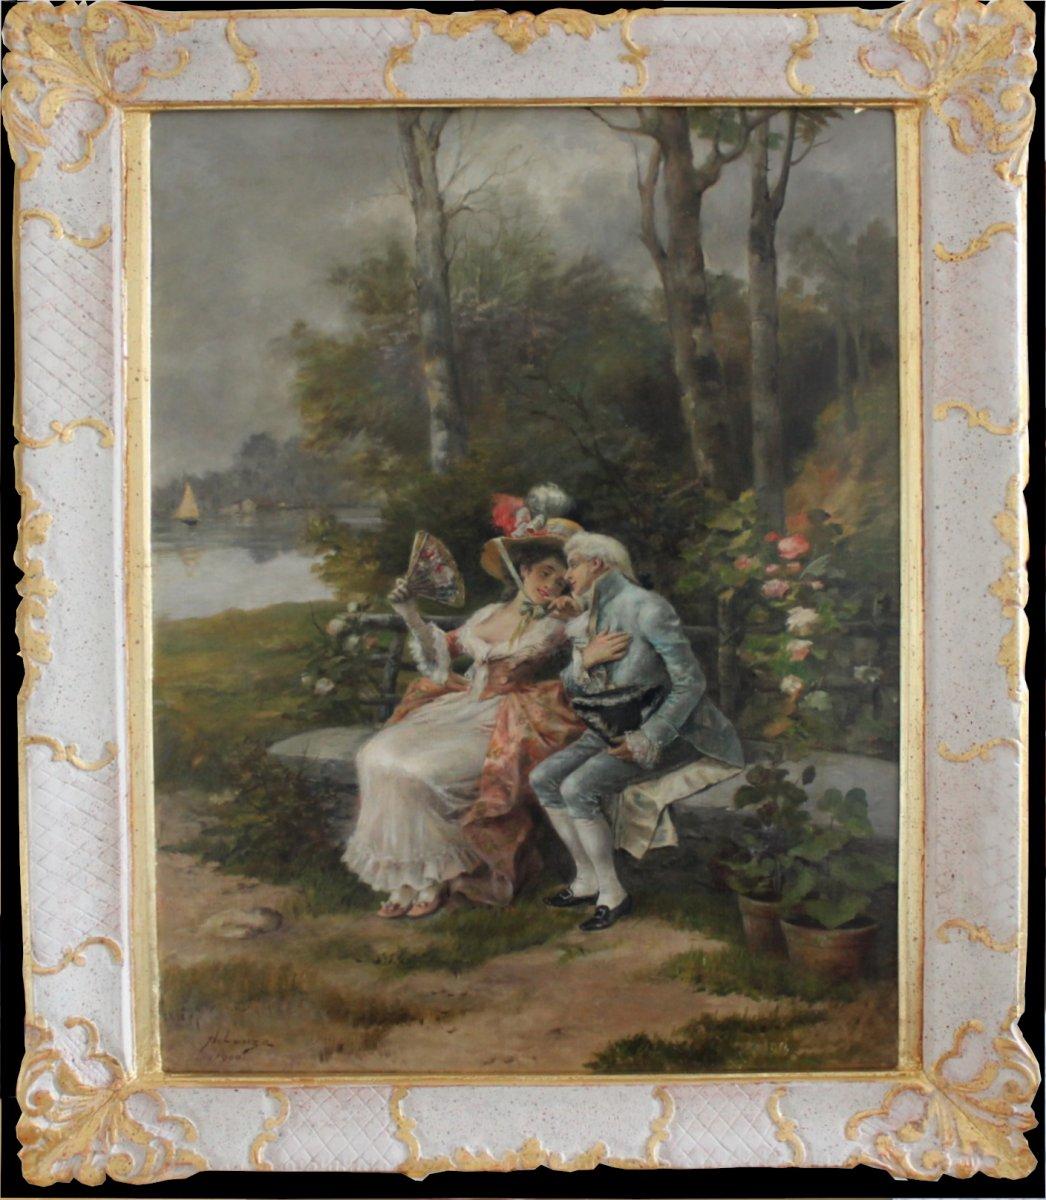 Antonio Lonza (italien, 1846-1918) Une Scène Galante DansLe Parc Le Couple Qui Flirte